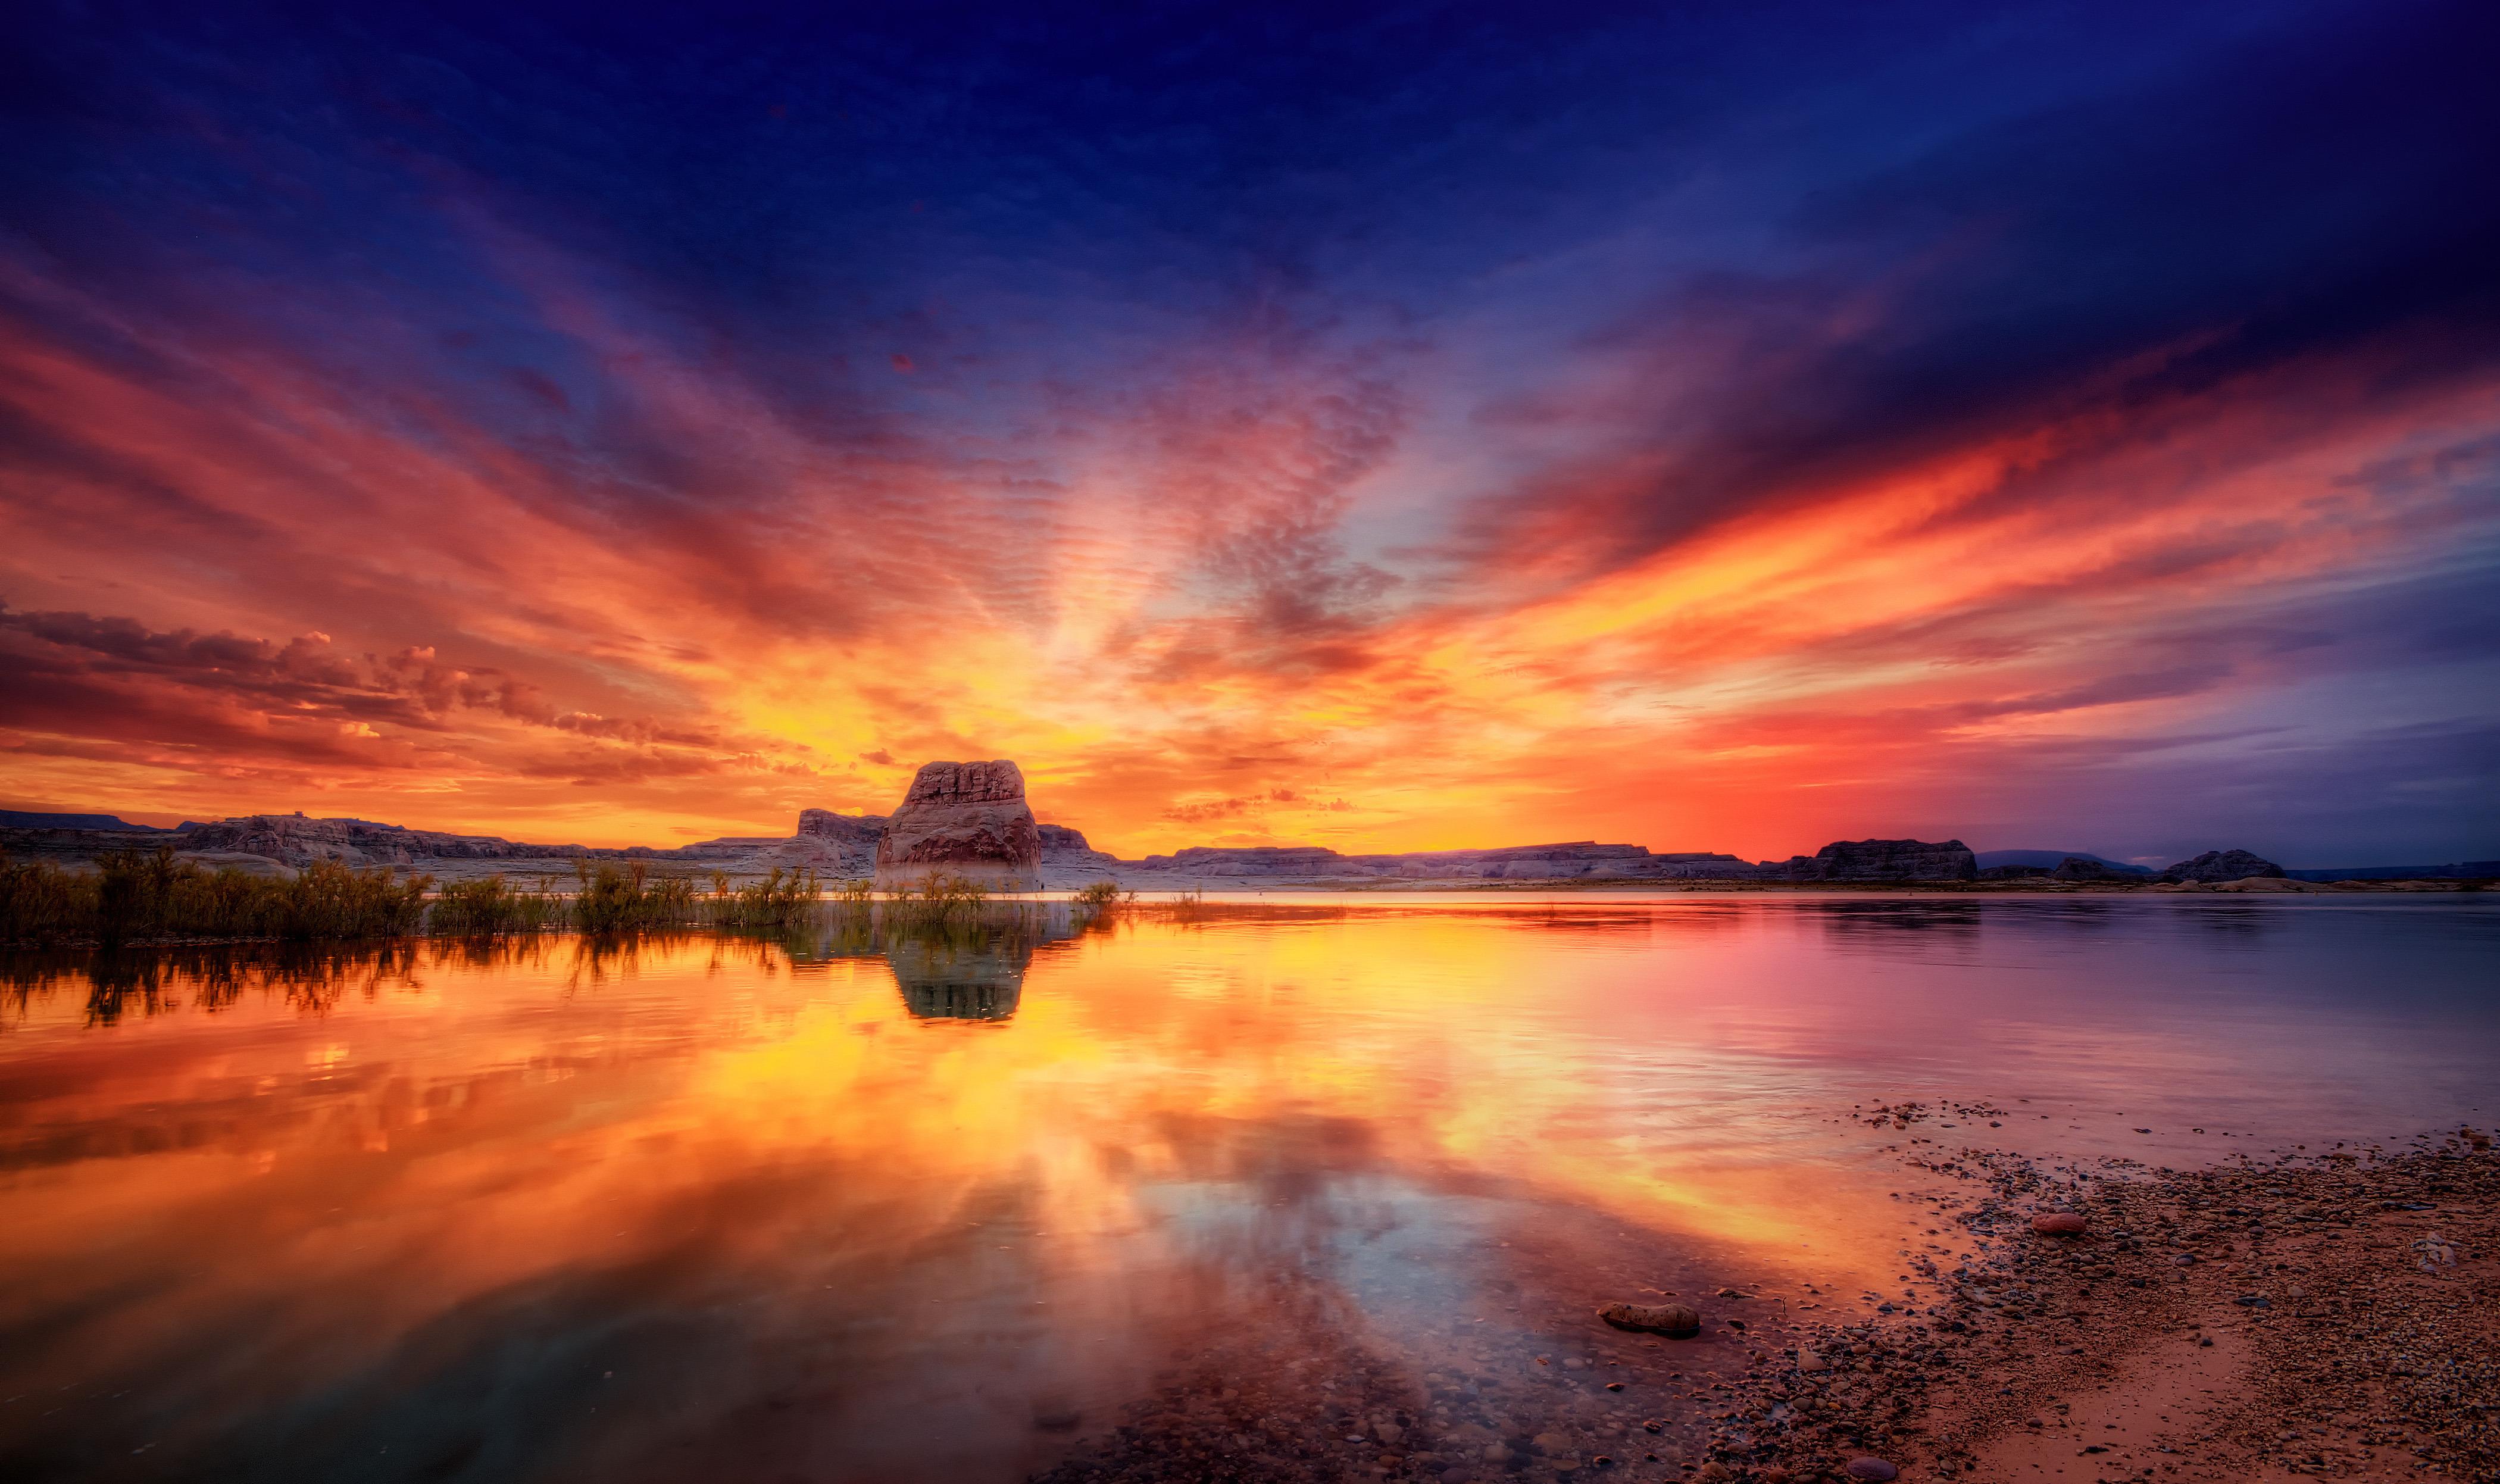 Обои картинки фото Природа, Изумительный закат.